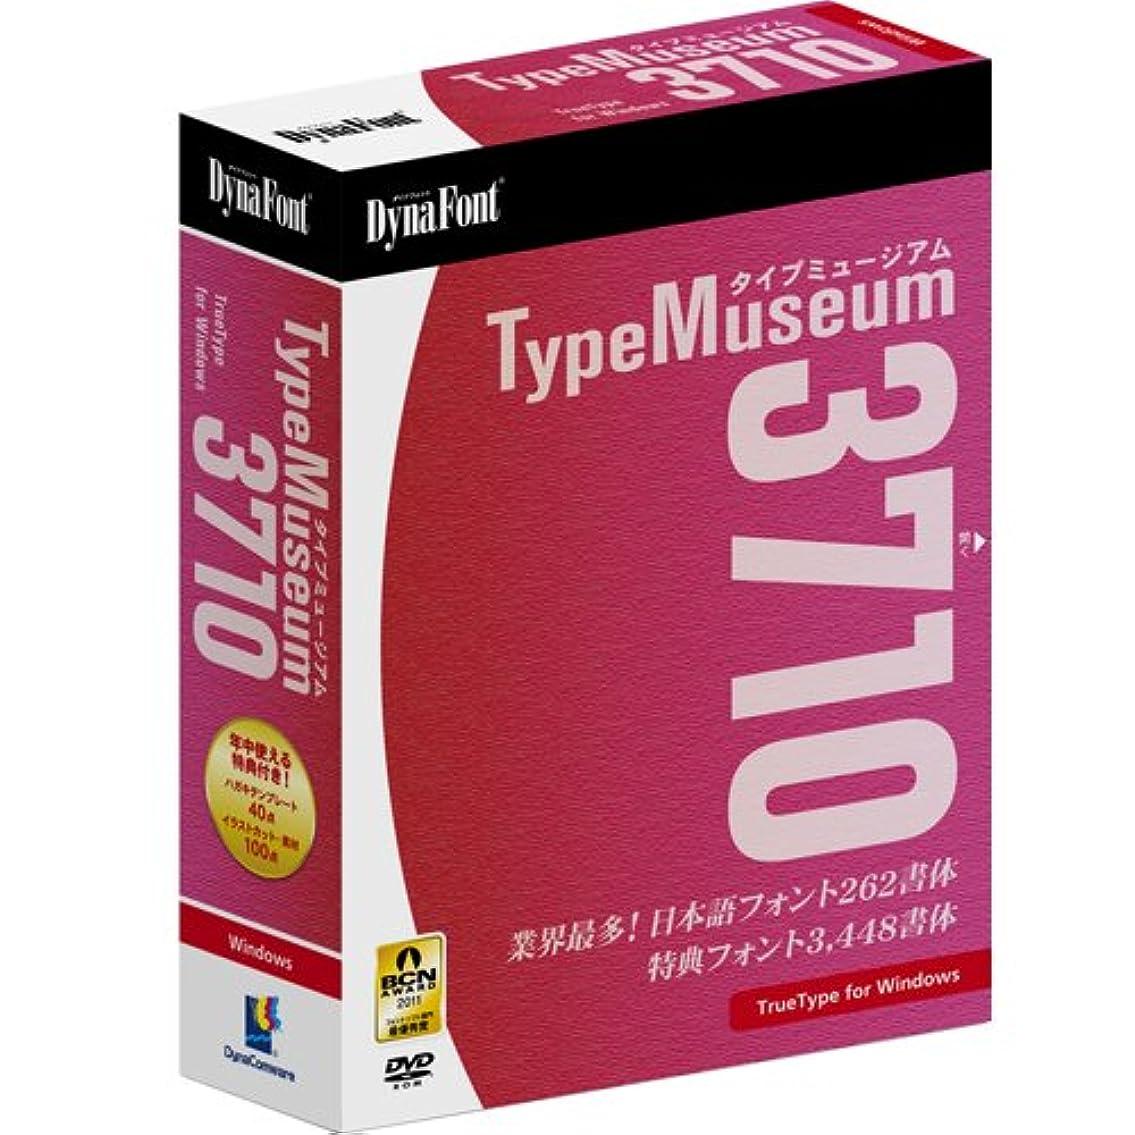 プレゼント精通した喜劇DynaFont TypeMuseum 3710 TrueType for Windows